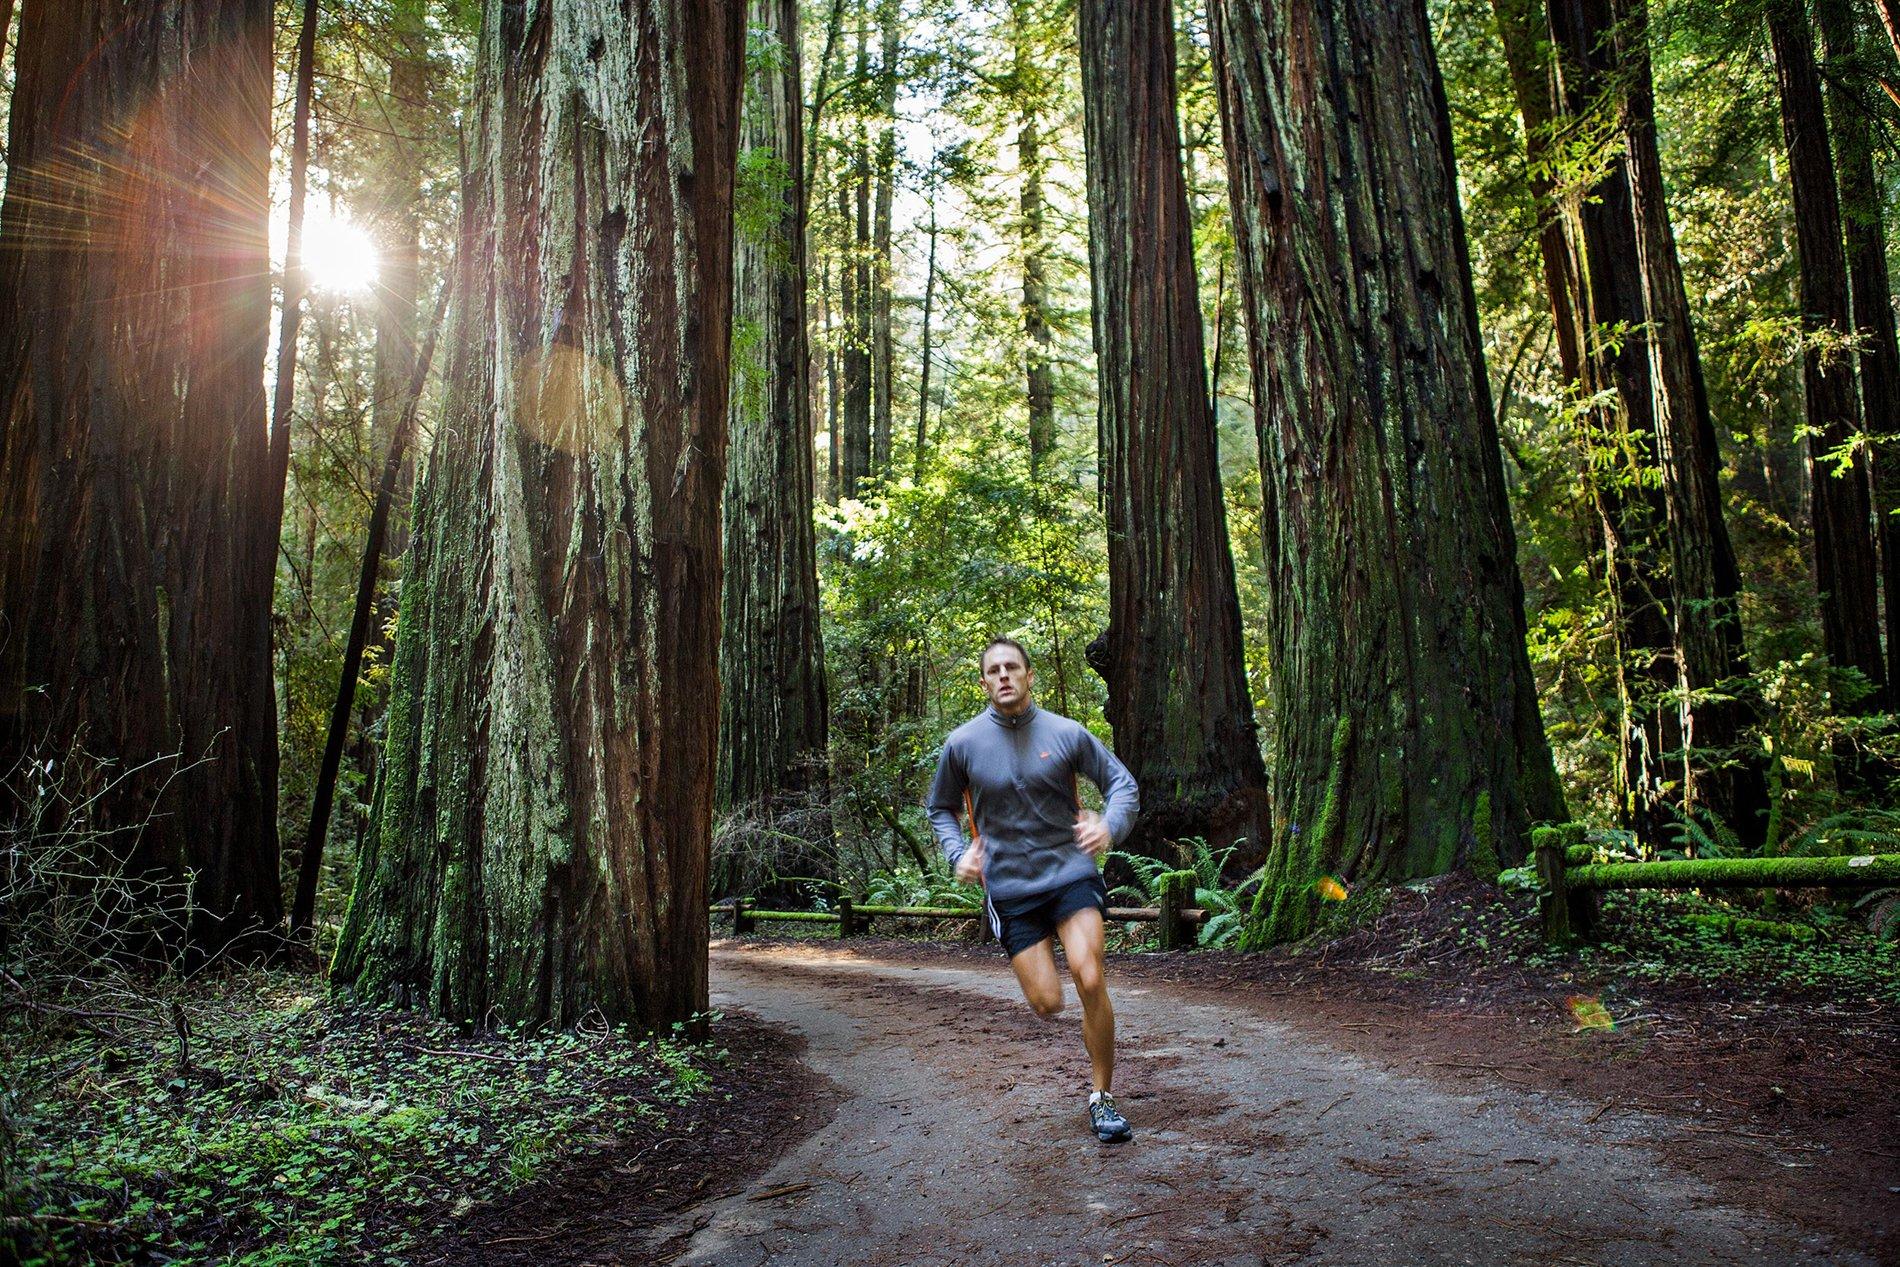 Kratko i jasno – što mi treba da počnem s trčanjem?